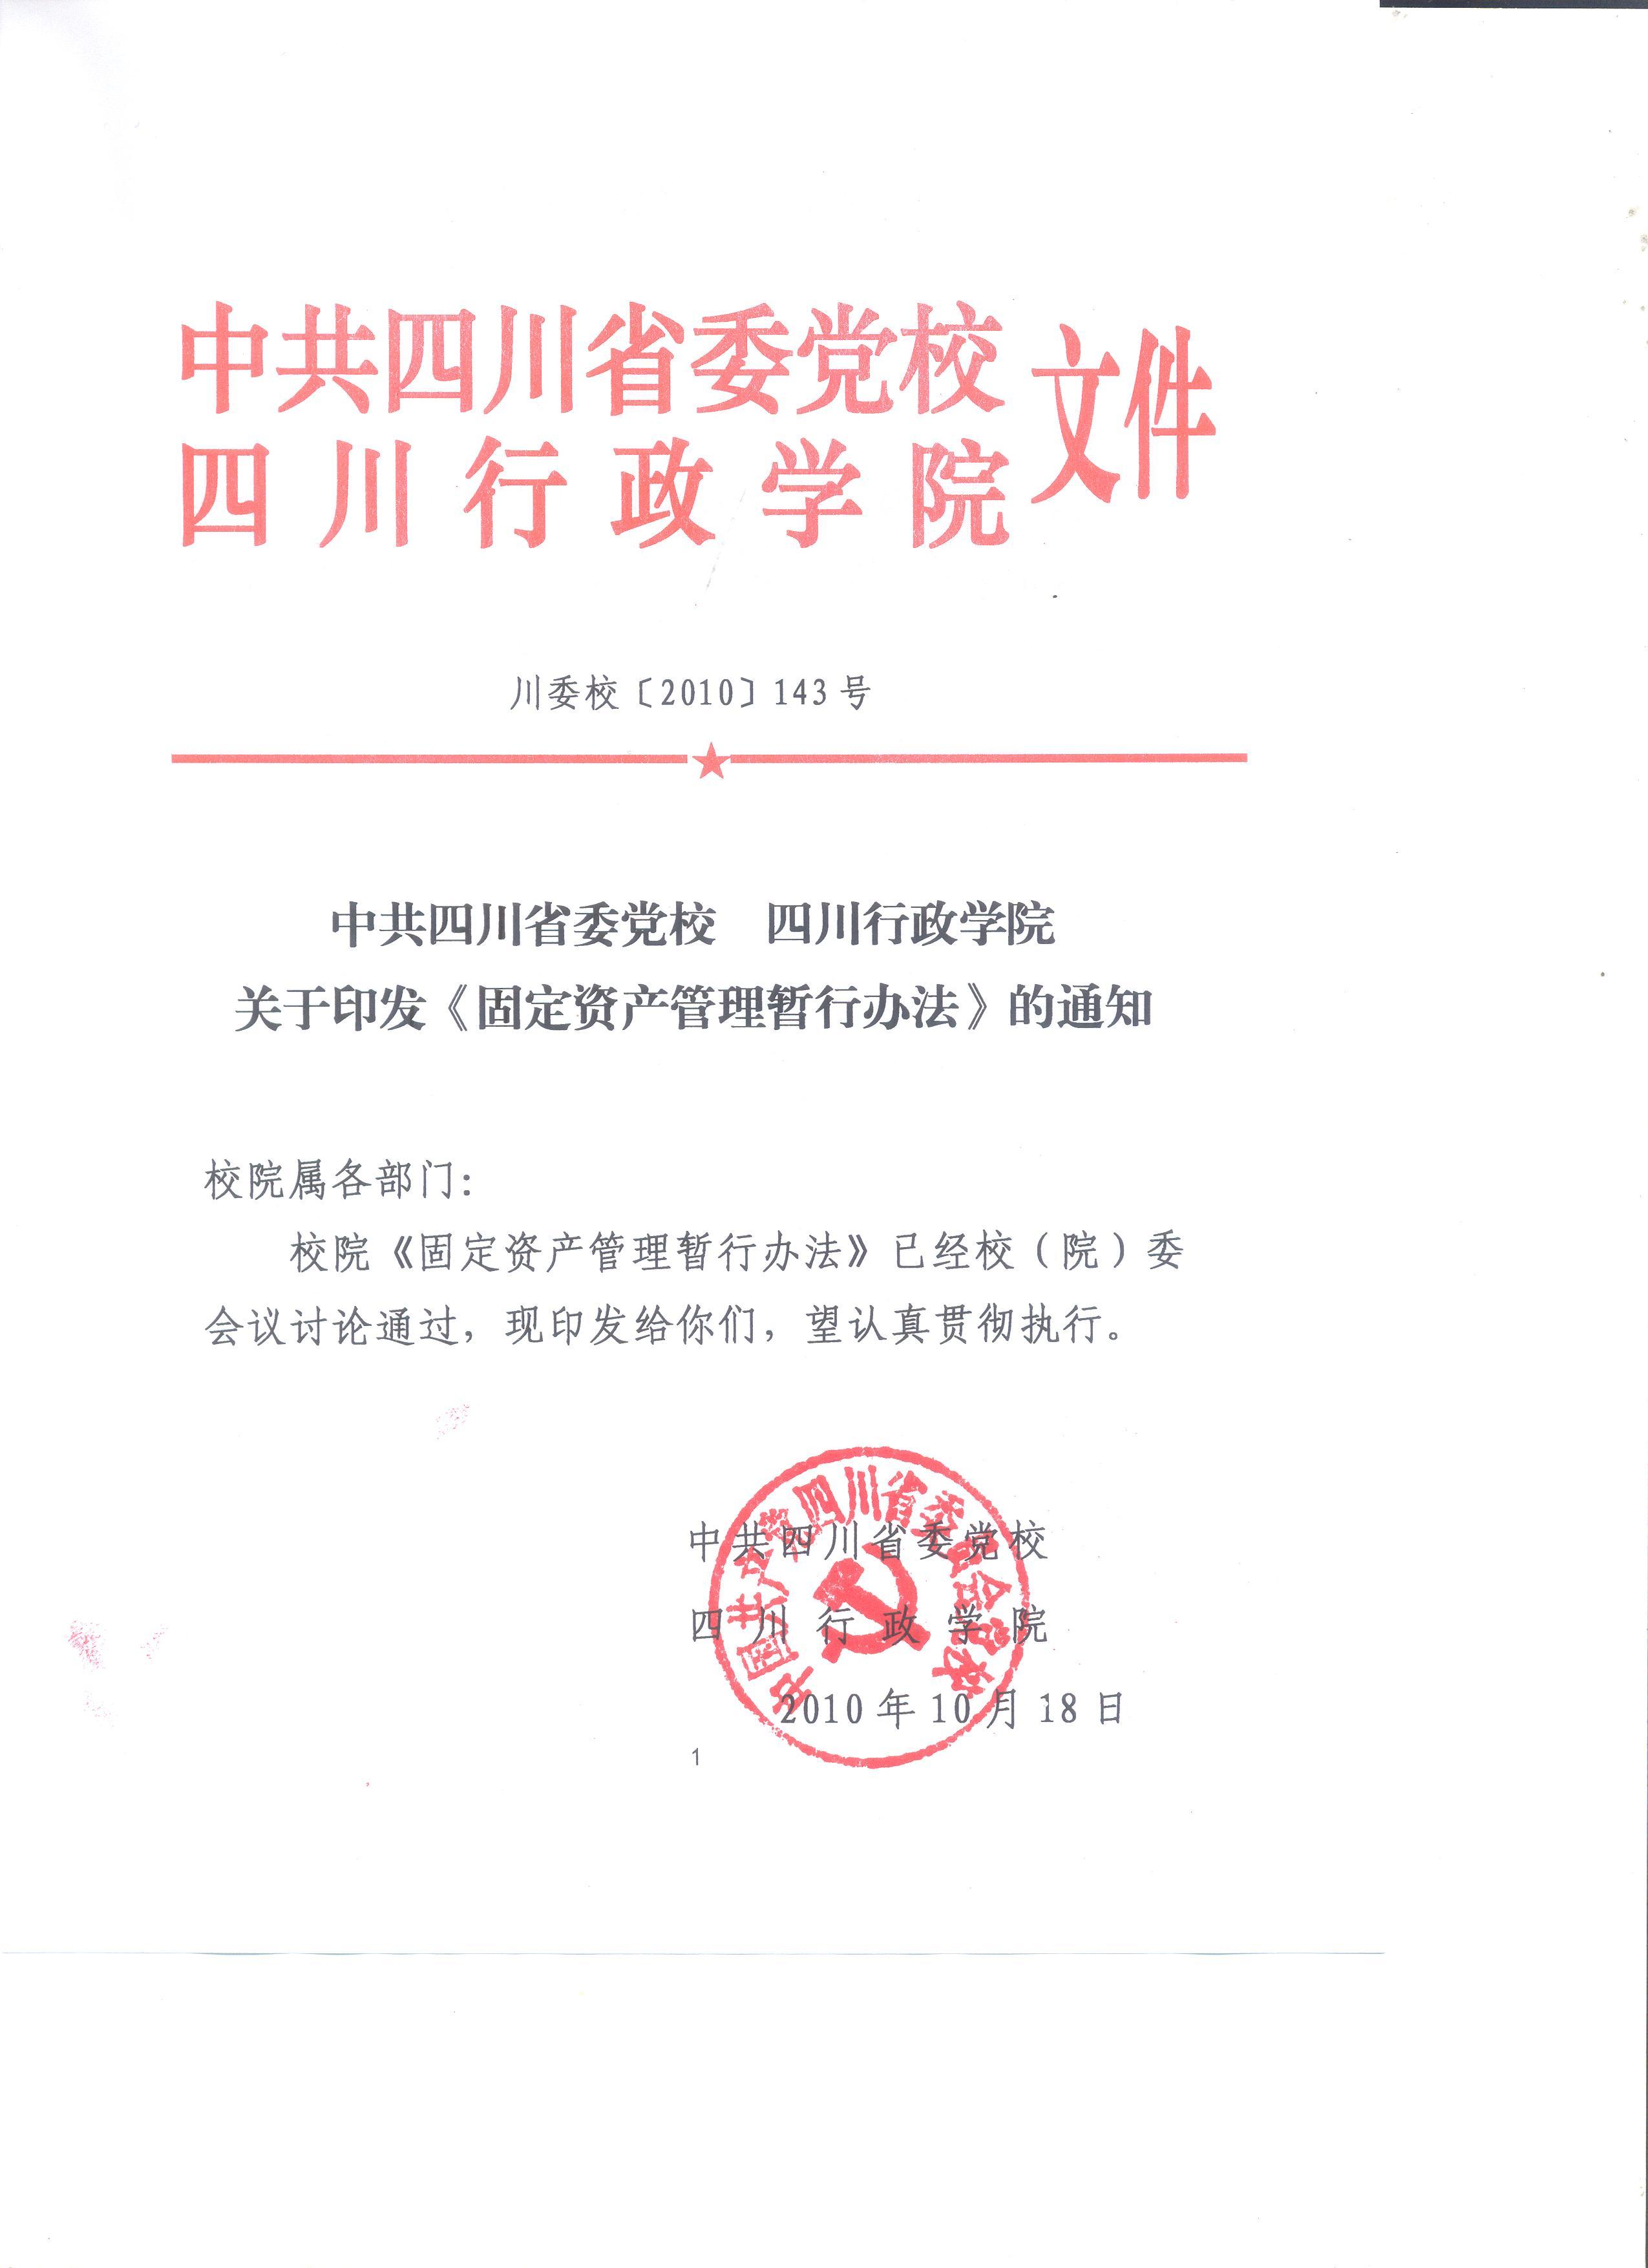 中共四川省委党校、四川行政学院关于印发《固